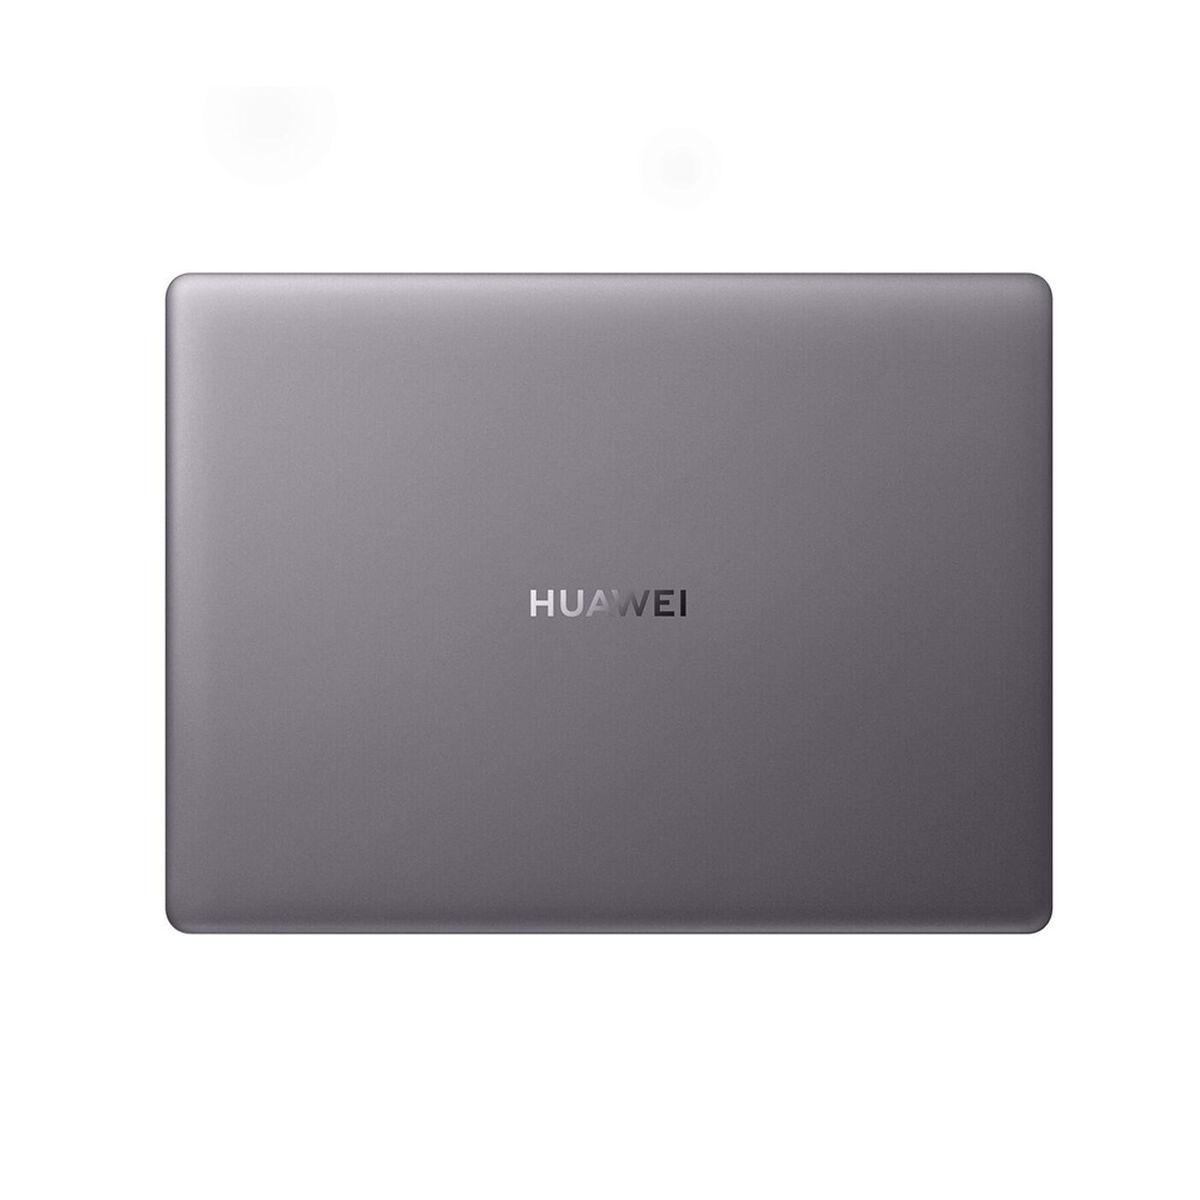 """Notebook Huawei Matebook D13 Core i5 8GB 512GB SSD 13.3"""""""